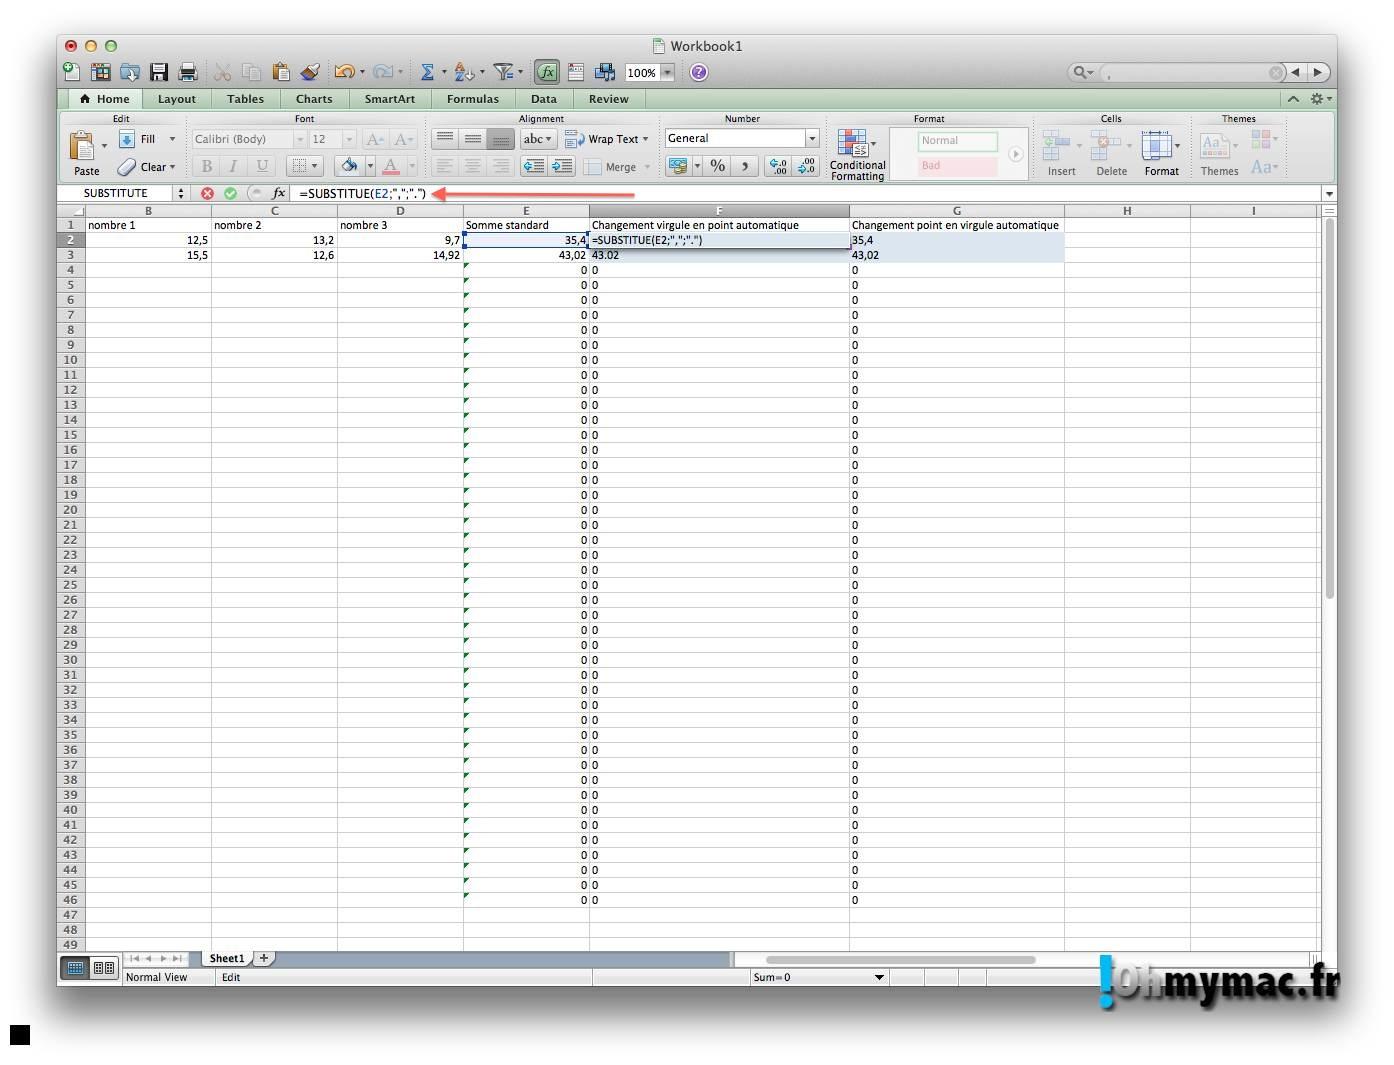 Ohmymac Séparateur décimal sur Excel 2011 Mac 11